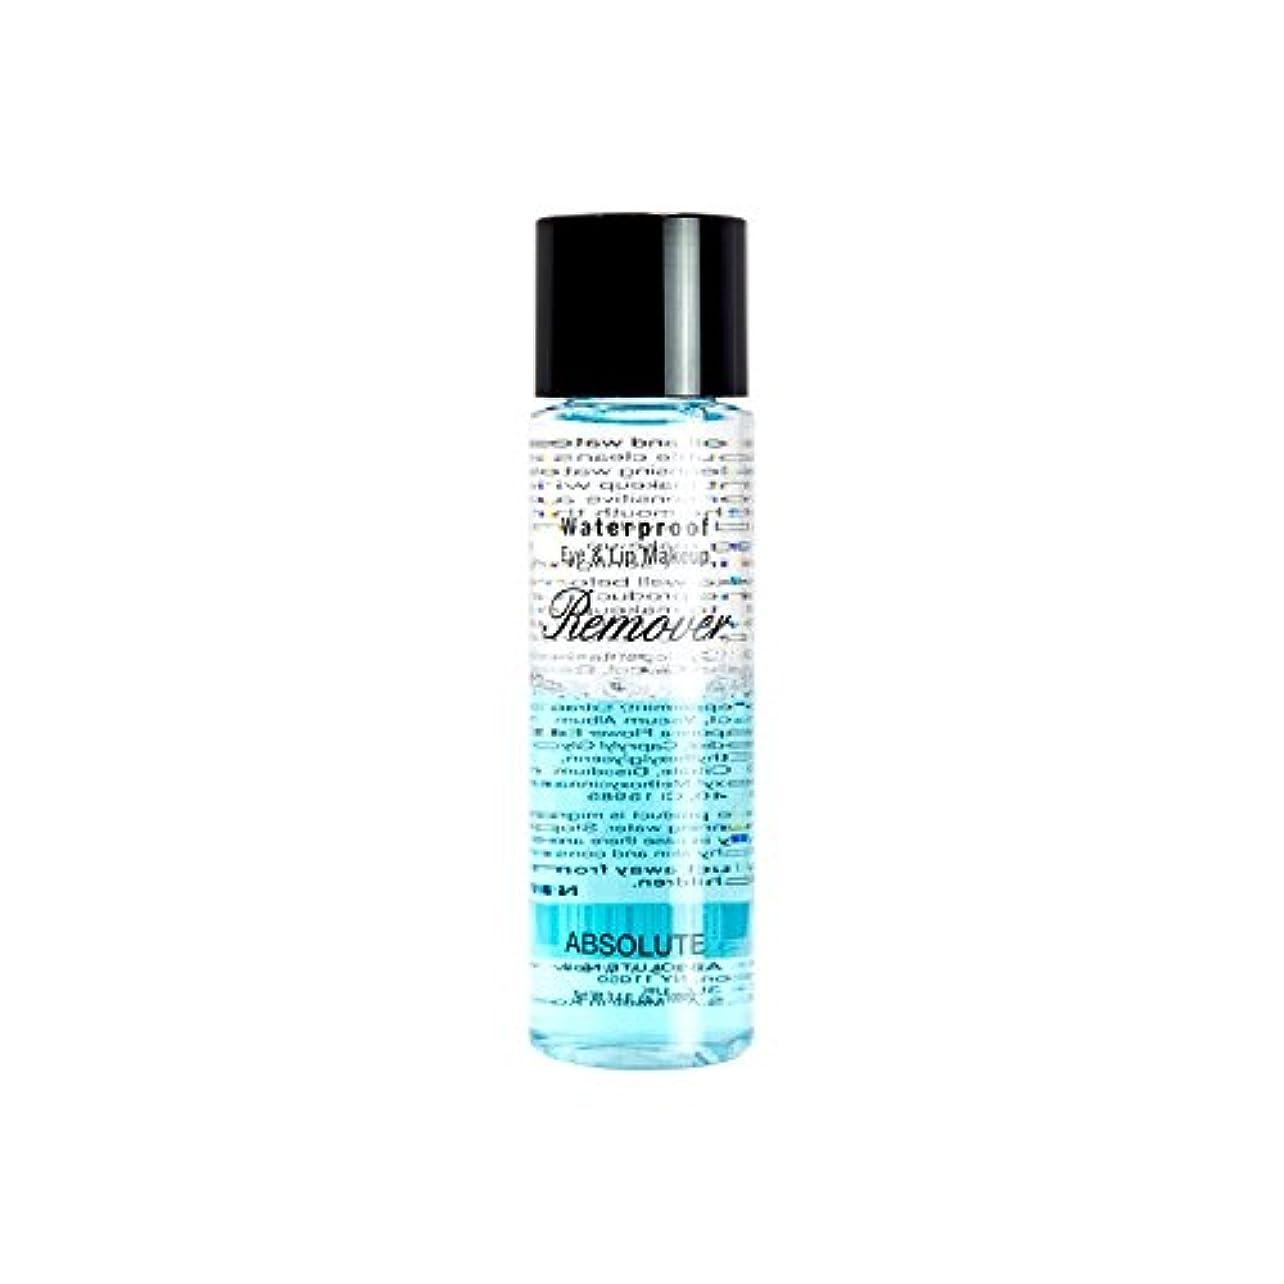 (3 Pack) ABSOLUTE Waterproof Eye & Lip Makeup Remover (並行輸入品)